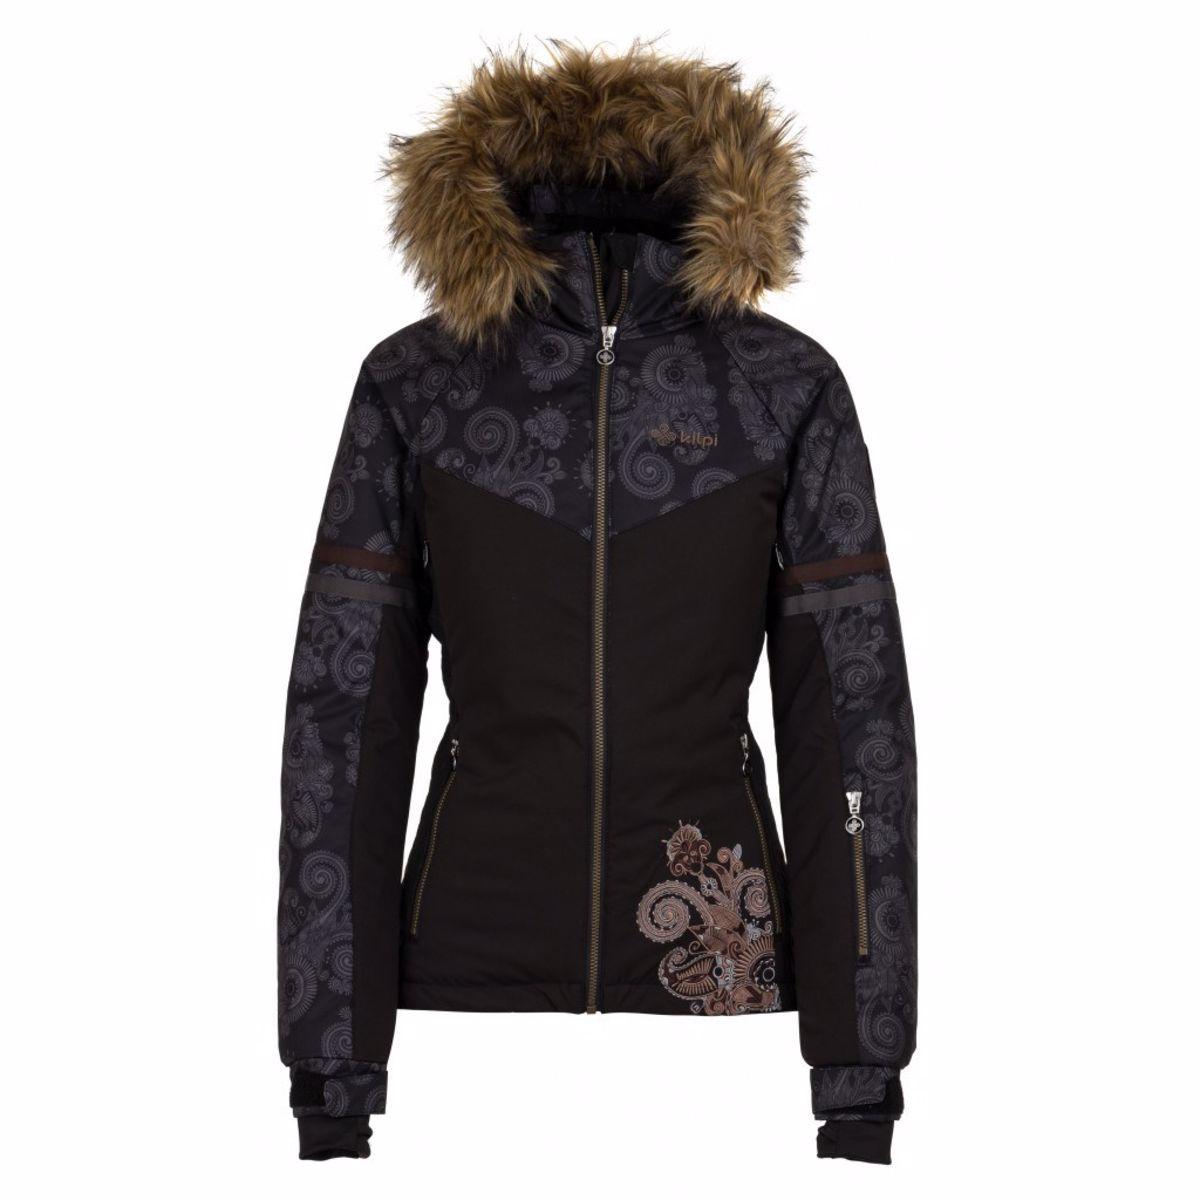 Kilpi LENA-W 17 18 Dámska zimná bunda  8c4d96981bd